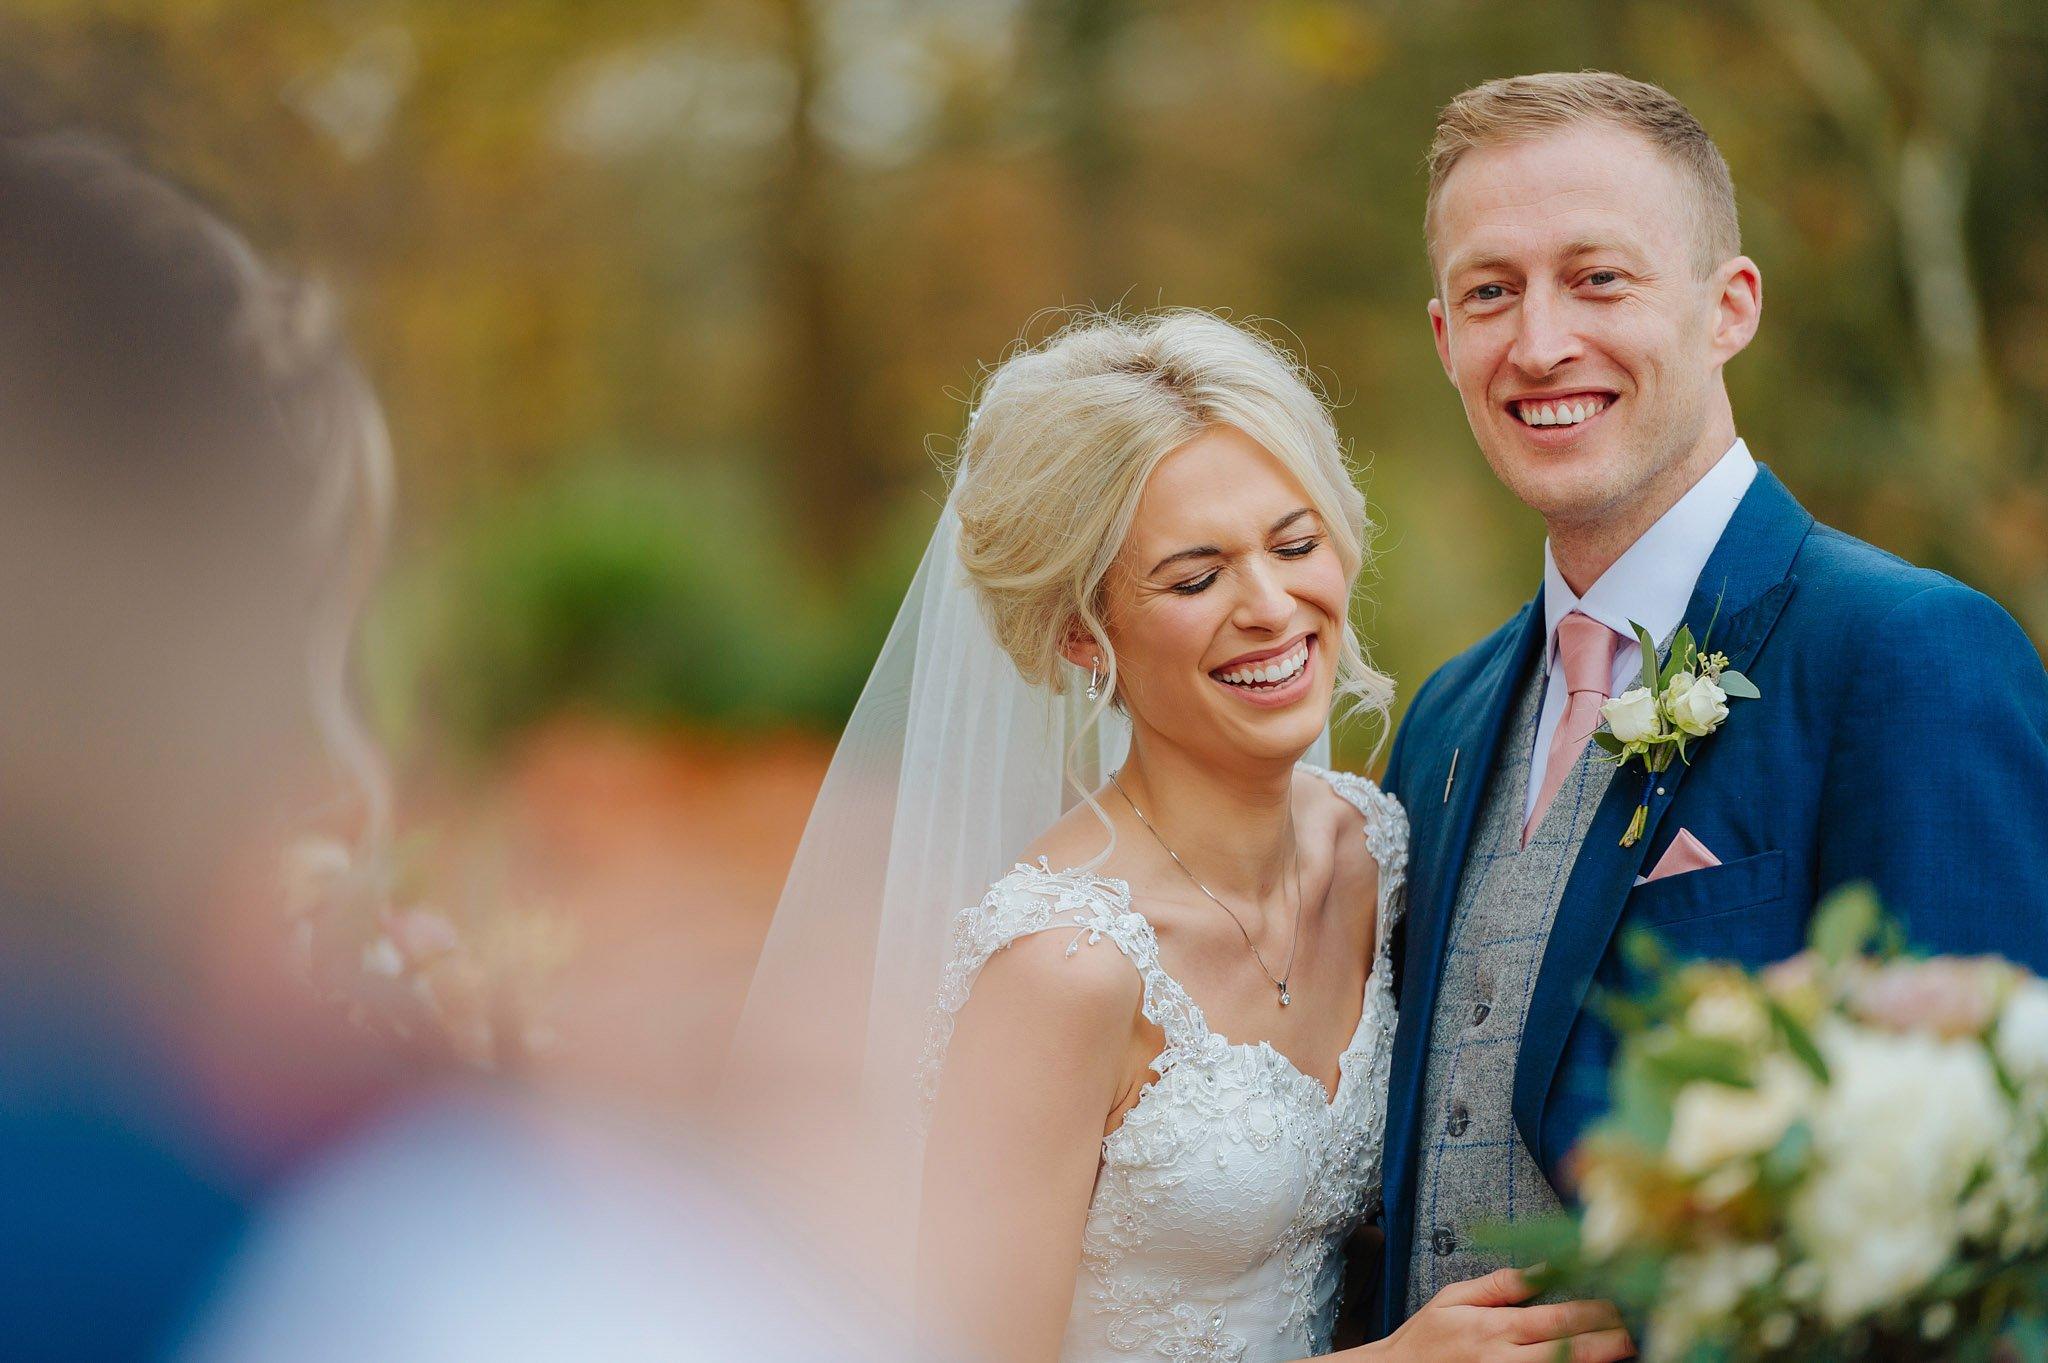 Lemore Manor wedding, Herefordshire - West Midlands | Sadie + Ken 59